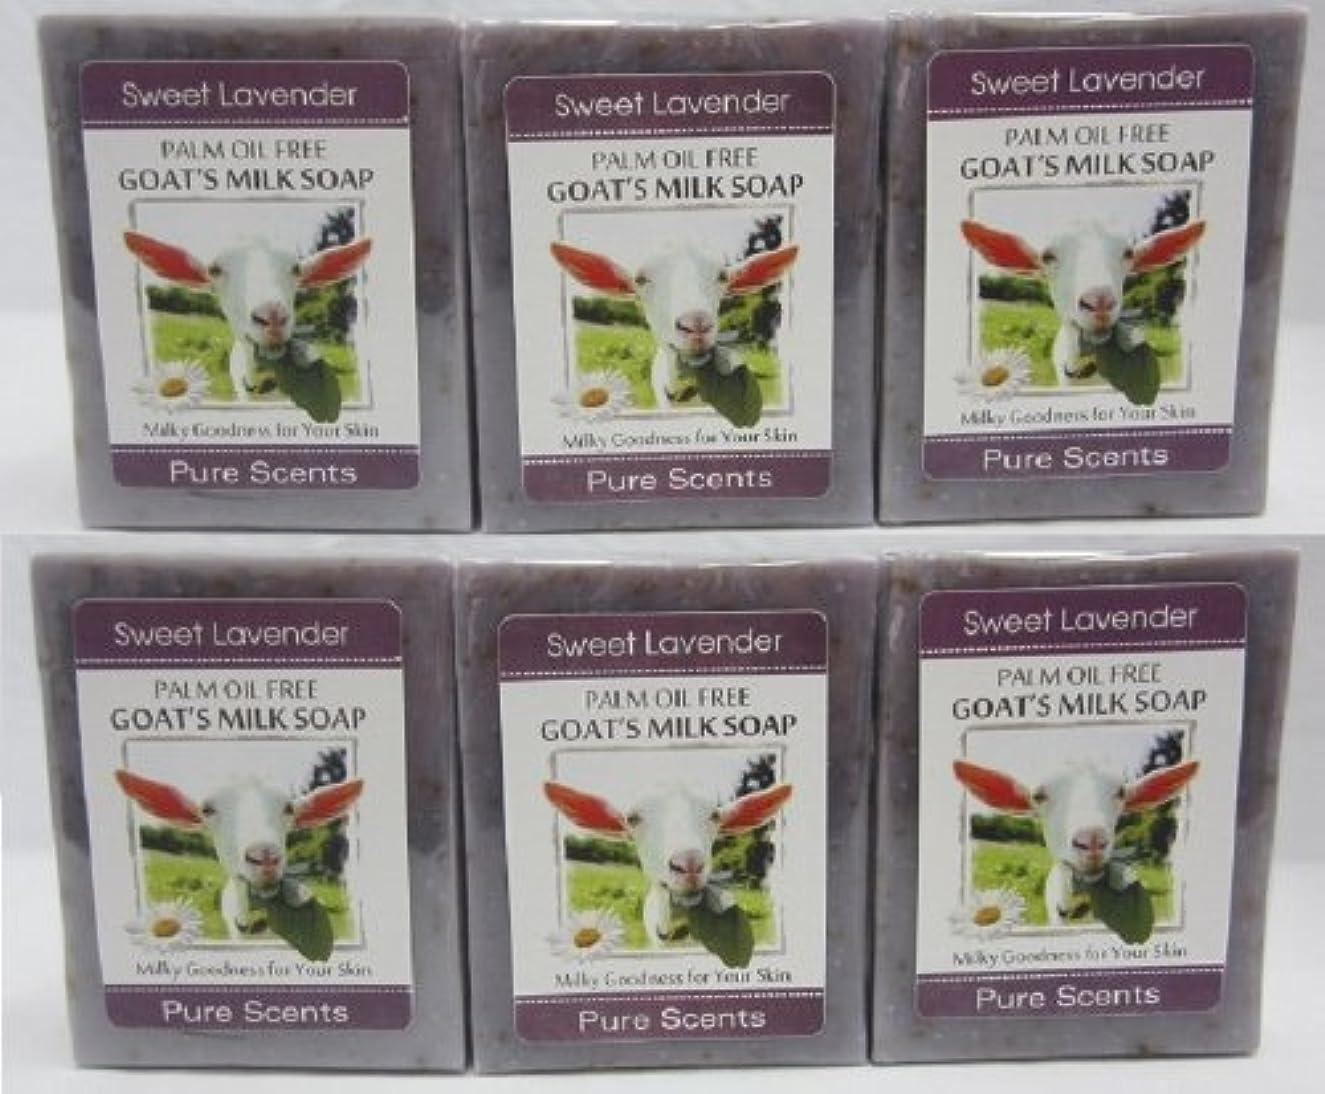 時々塊容器【Pure Scents】Goat's Milk Soap ヤギのミルクせっけん 6個セット Sweet Lavender スイートラベンダー